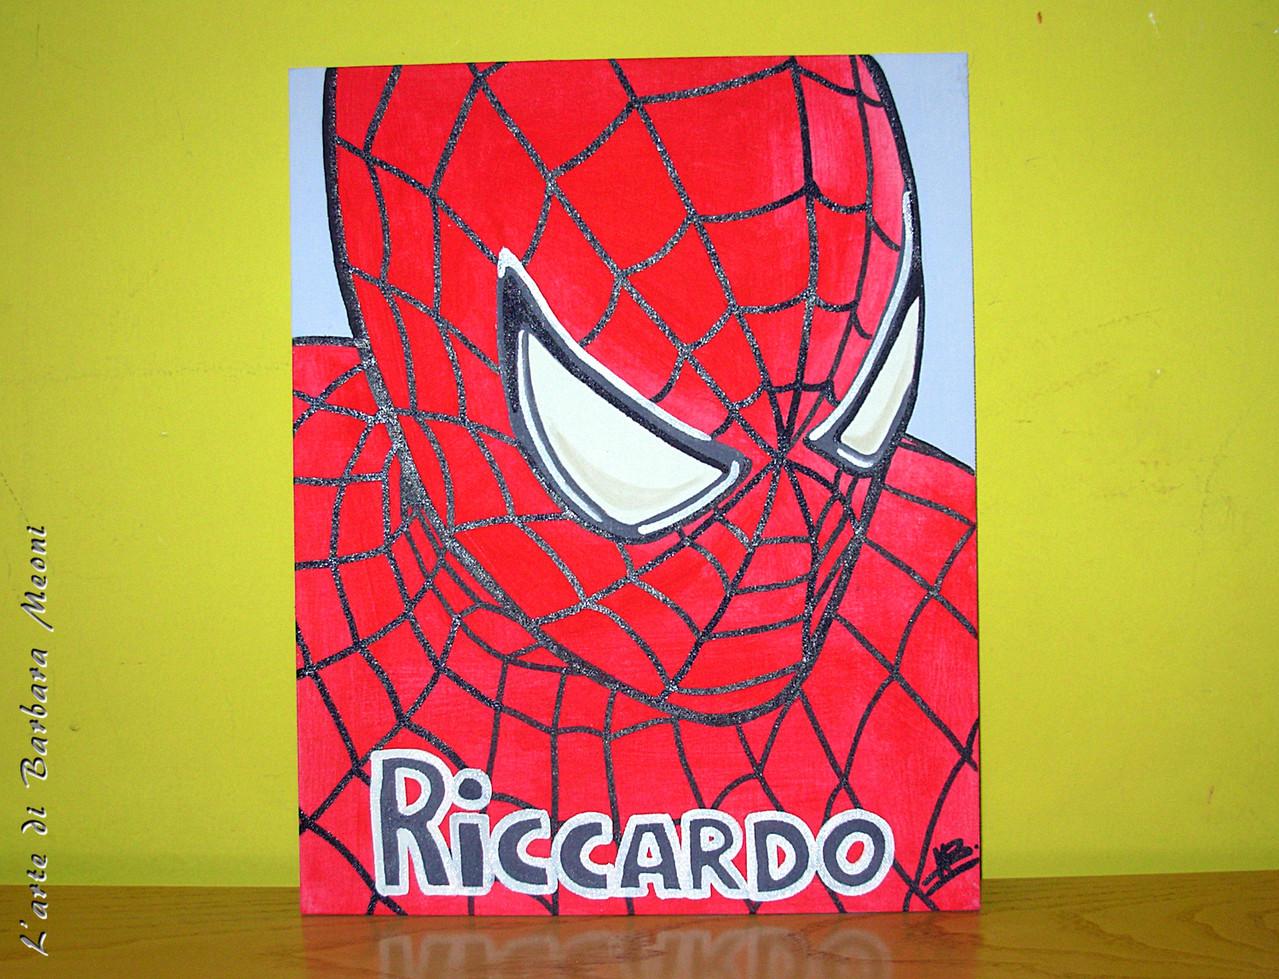 Spiderman-Acrilico su cartone telato 24x30 cm